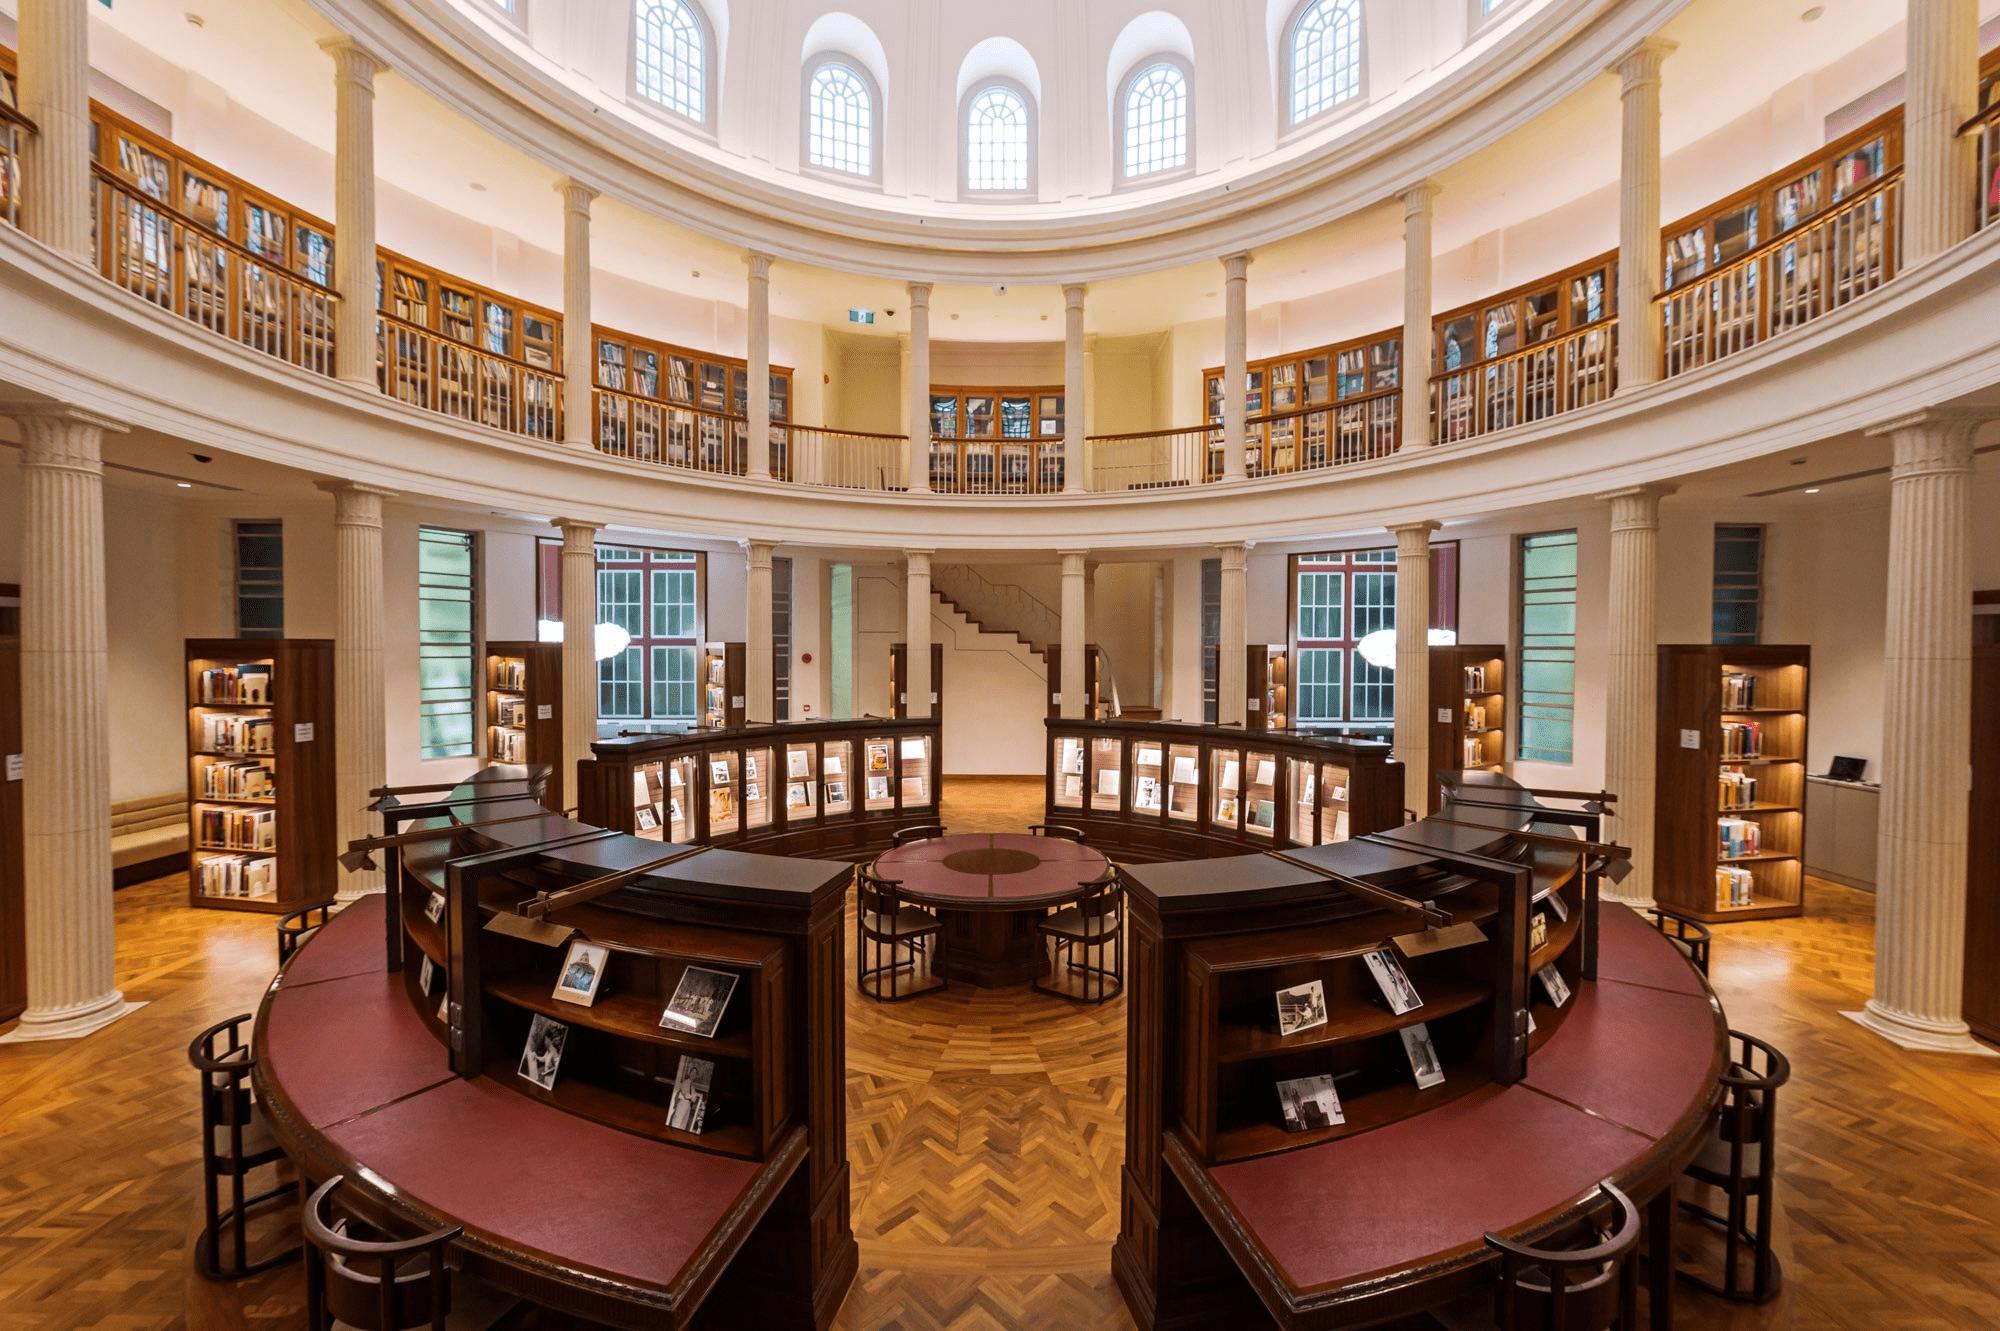 Rotunda Library at national gallery